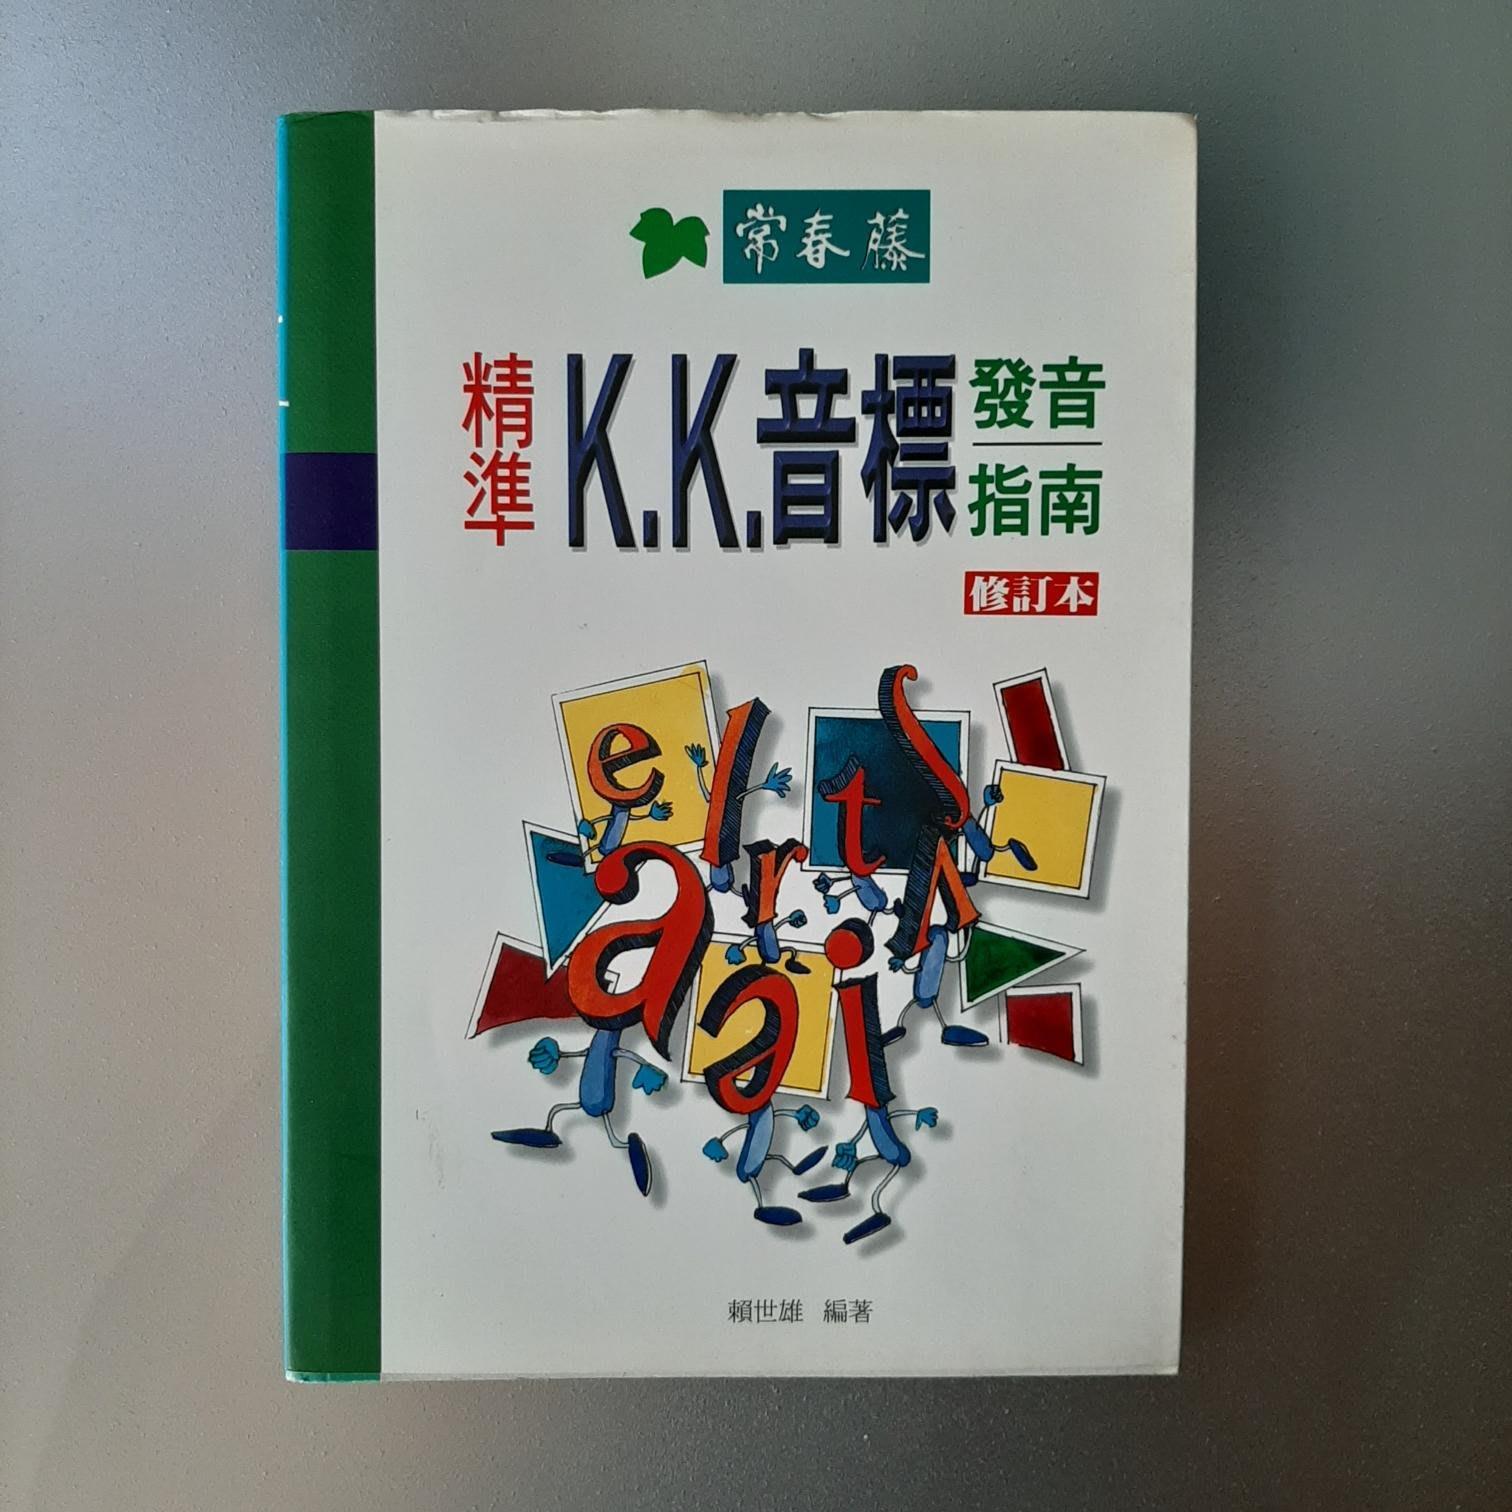 【快樂書屋】常春藤精準KK音標發音指南-常思藤1998年7月2版-賴世雄編著